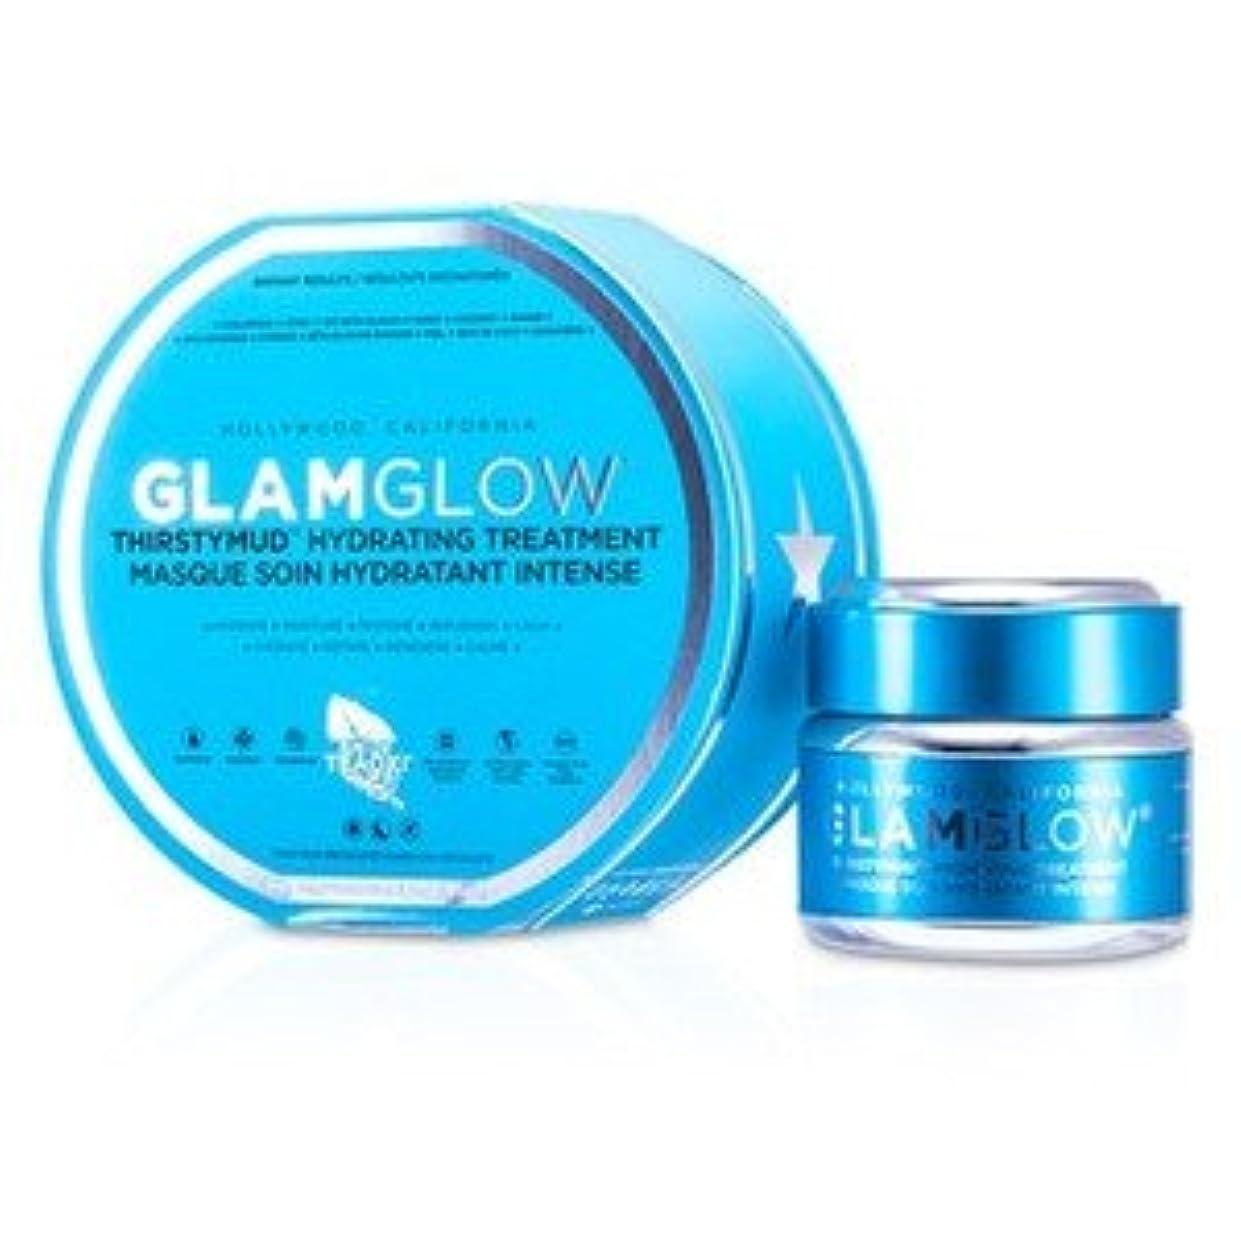 トランスペアレント人工的な章Glamglow サースティーマッド ハイドレイティング トリートメント 50g/1.7oz [並行輸入品]